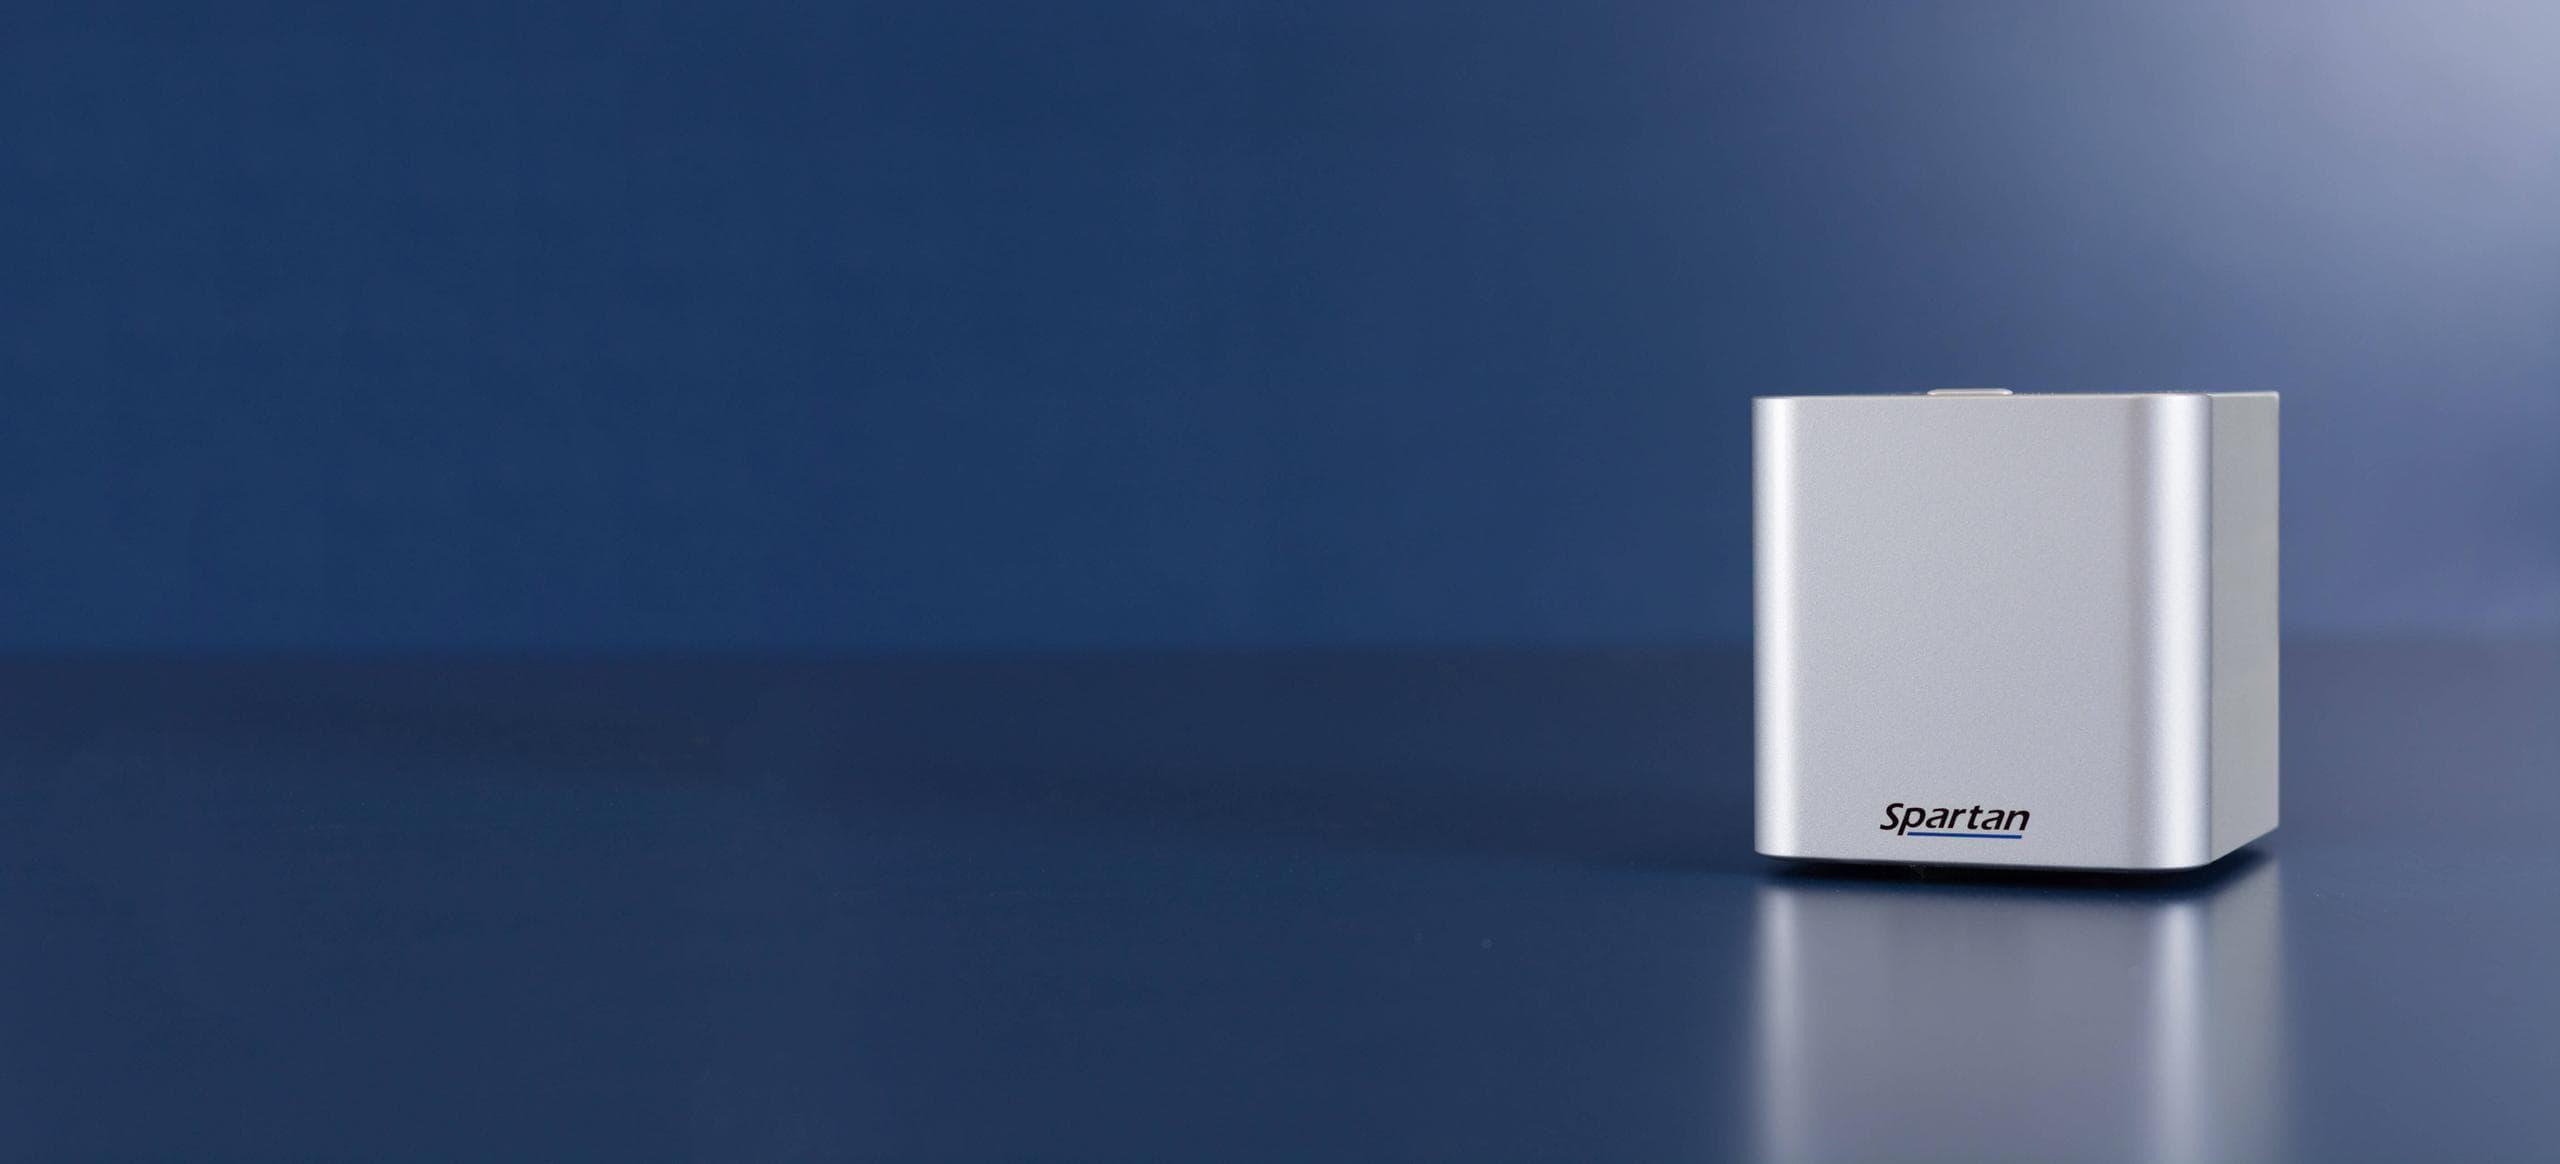 The Spartan Cube